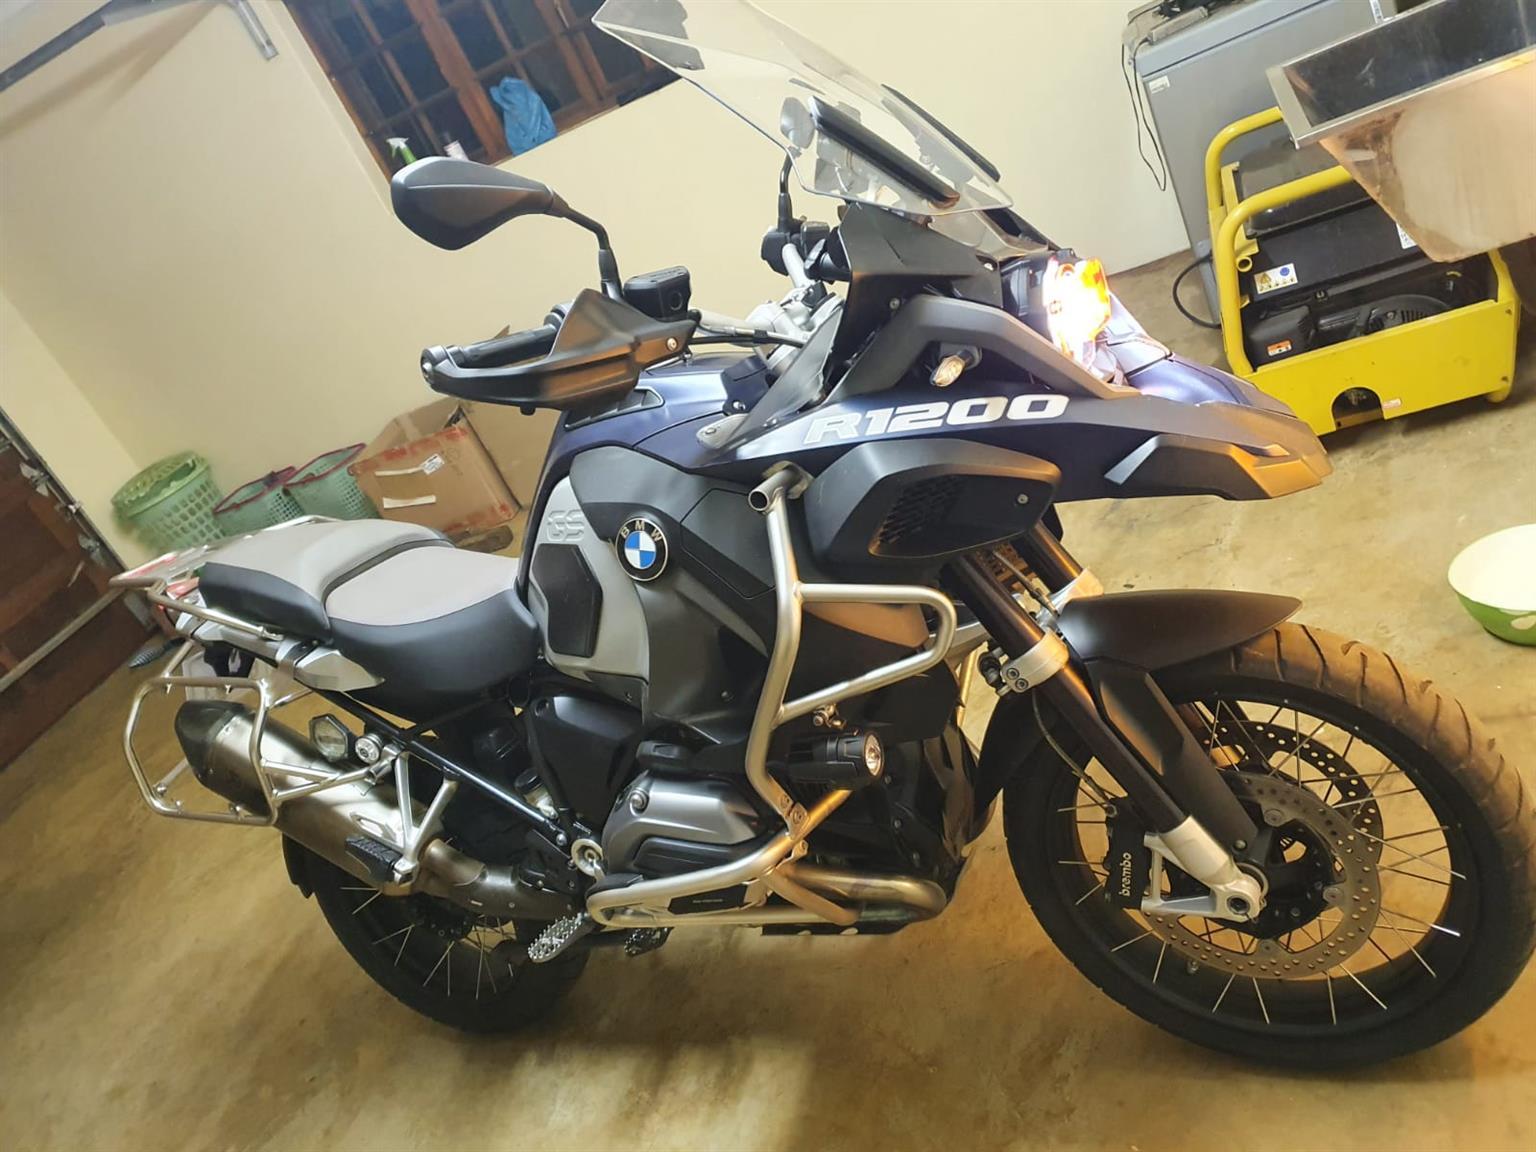 BMW 1200 GS Adventure 2016